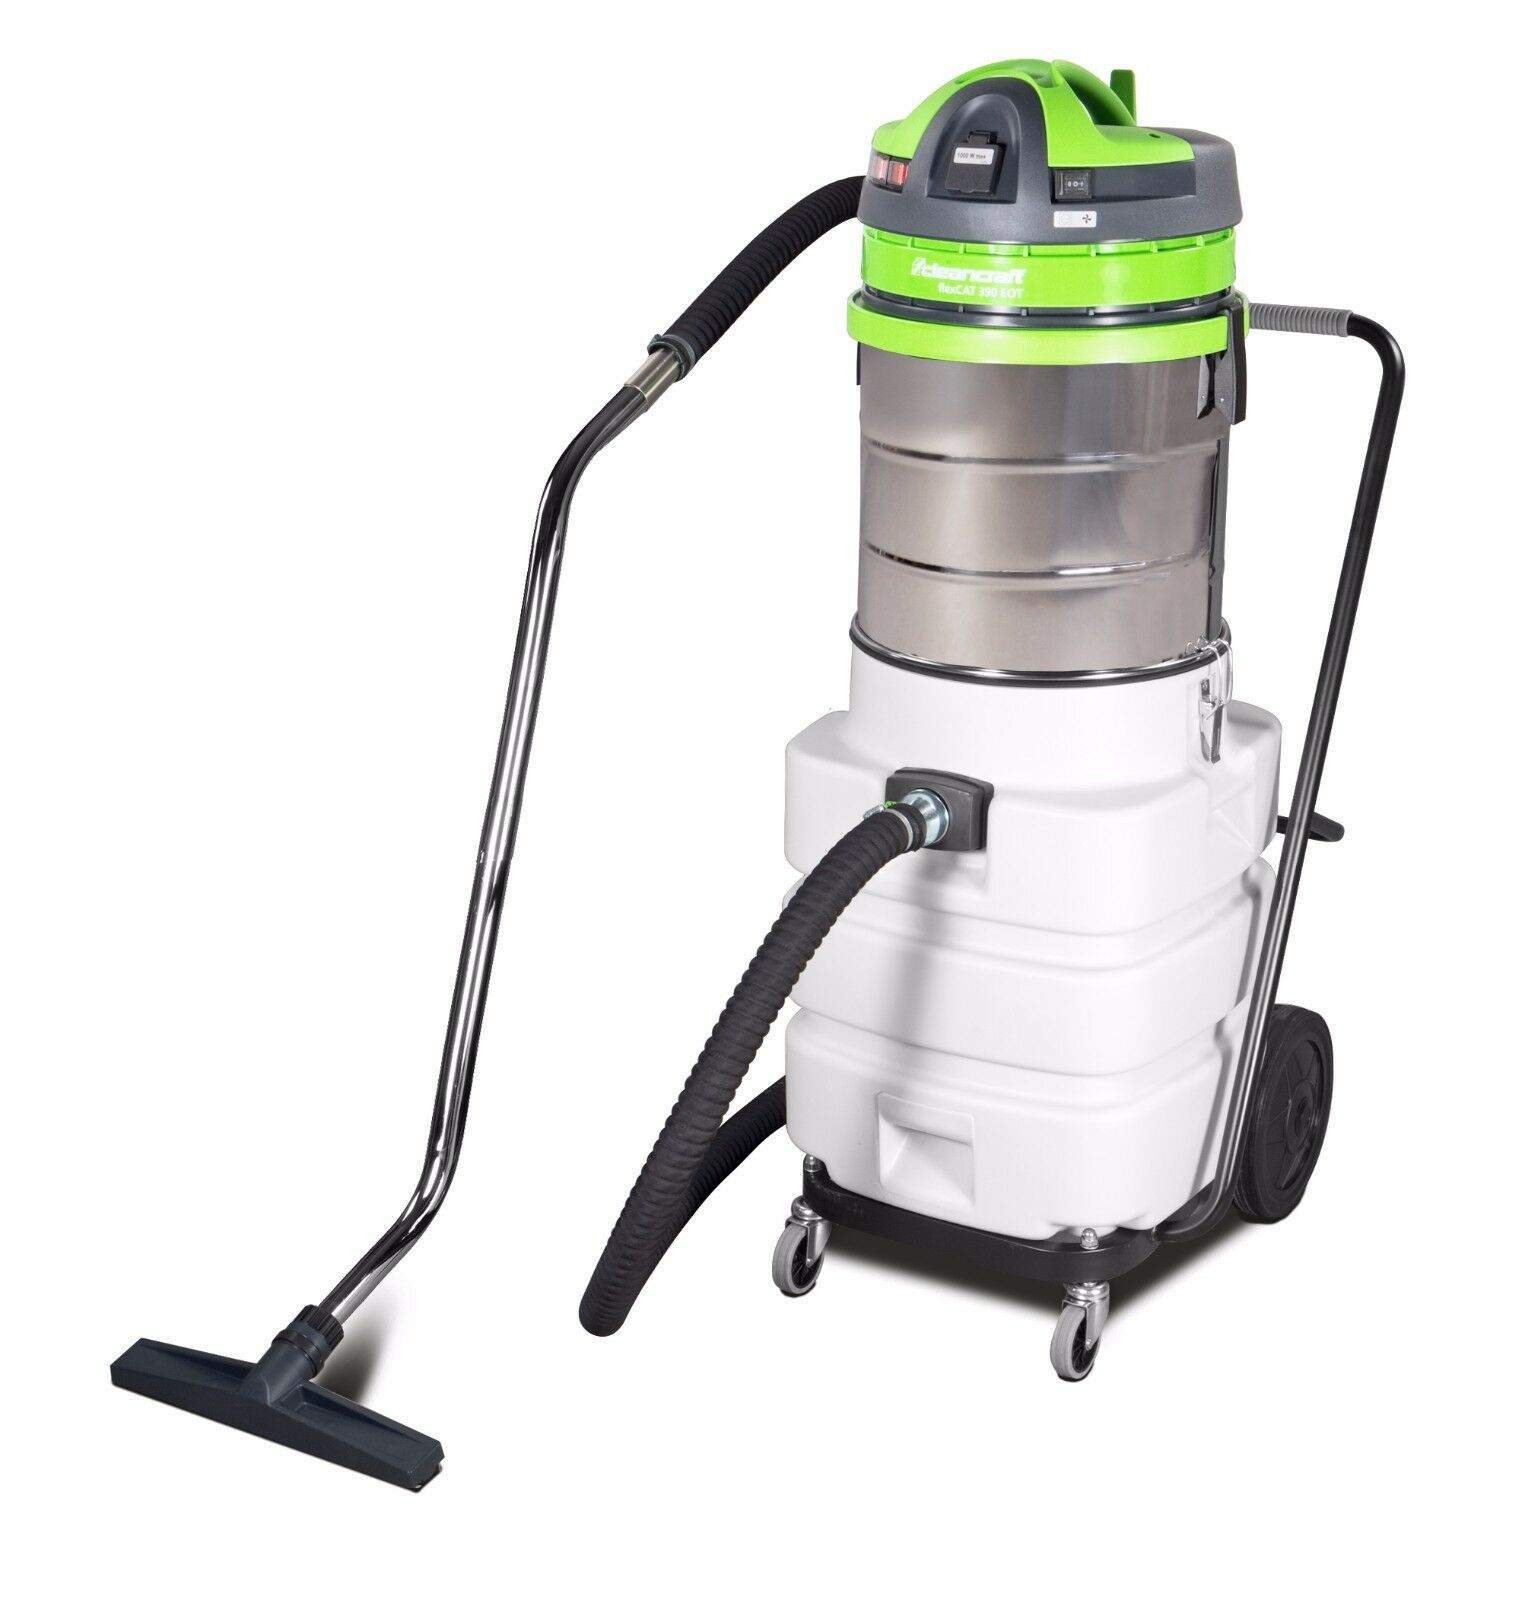 Spezialsauger mit Ölsieb Cleancraft flexcat 390 EOT Staubsauger für Metallspäne